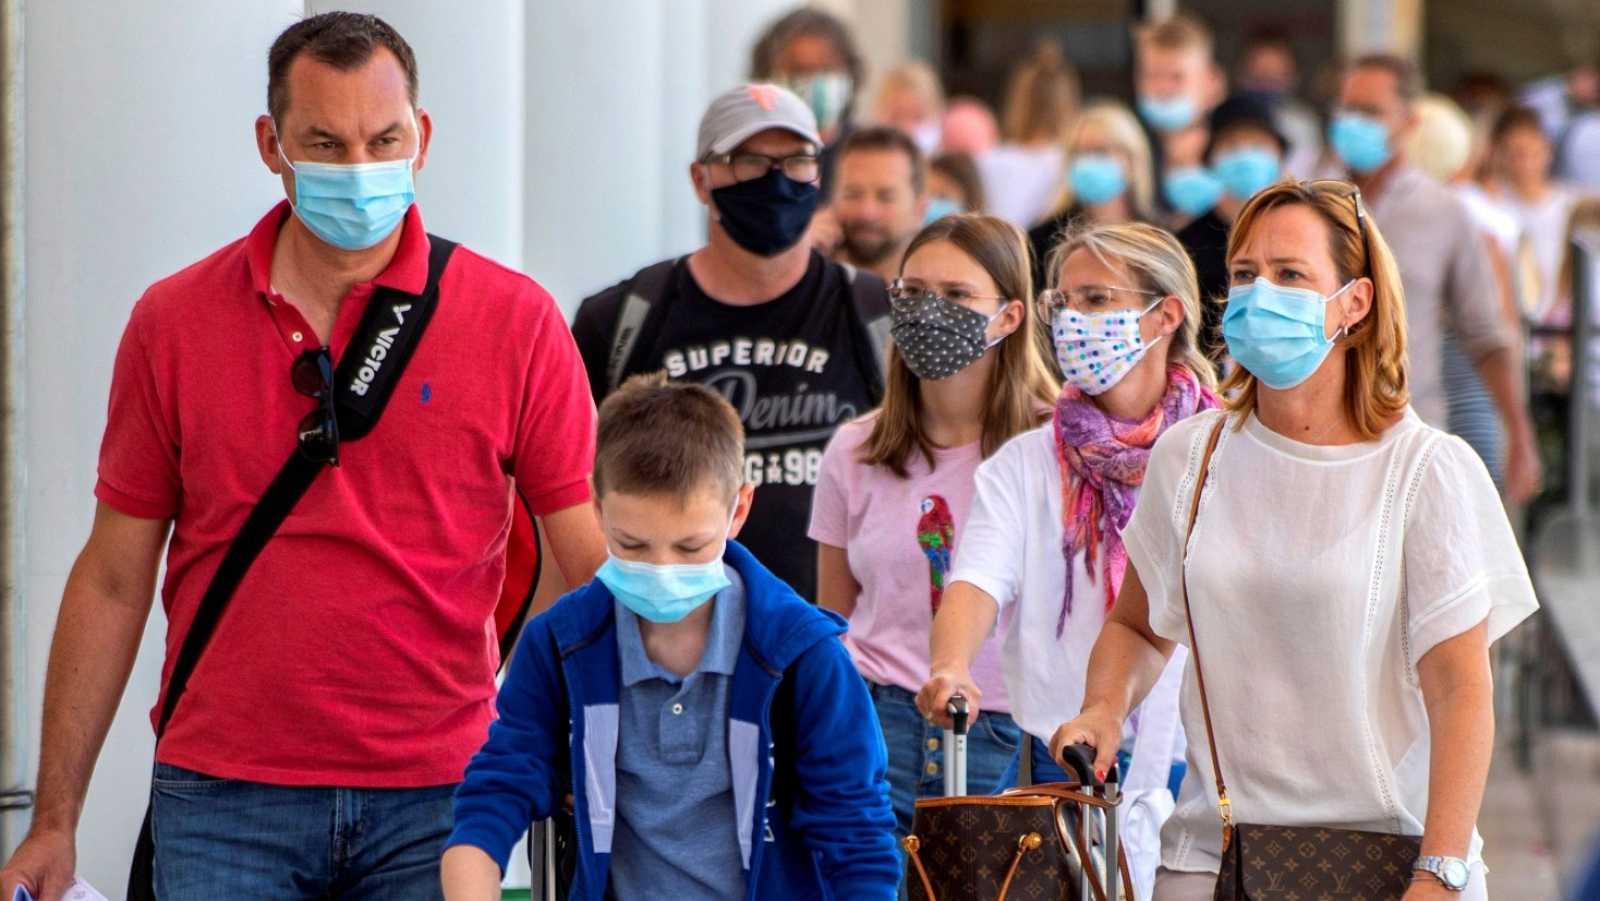 Baleares obligará al uso permanente de mascarillas | RTVE